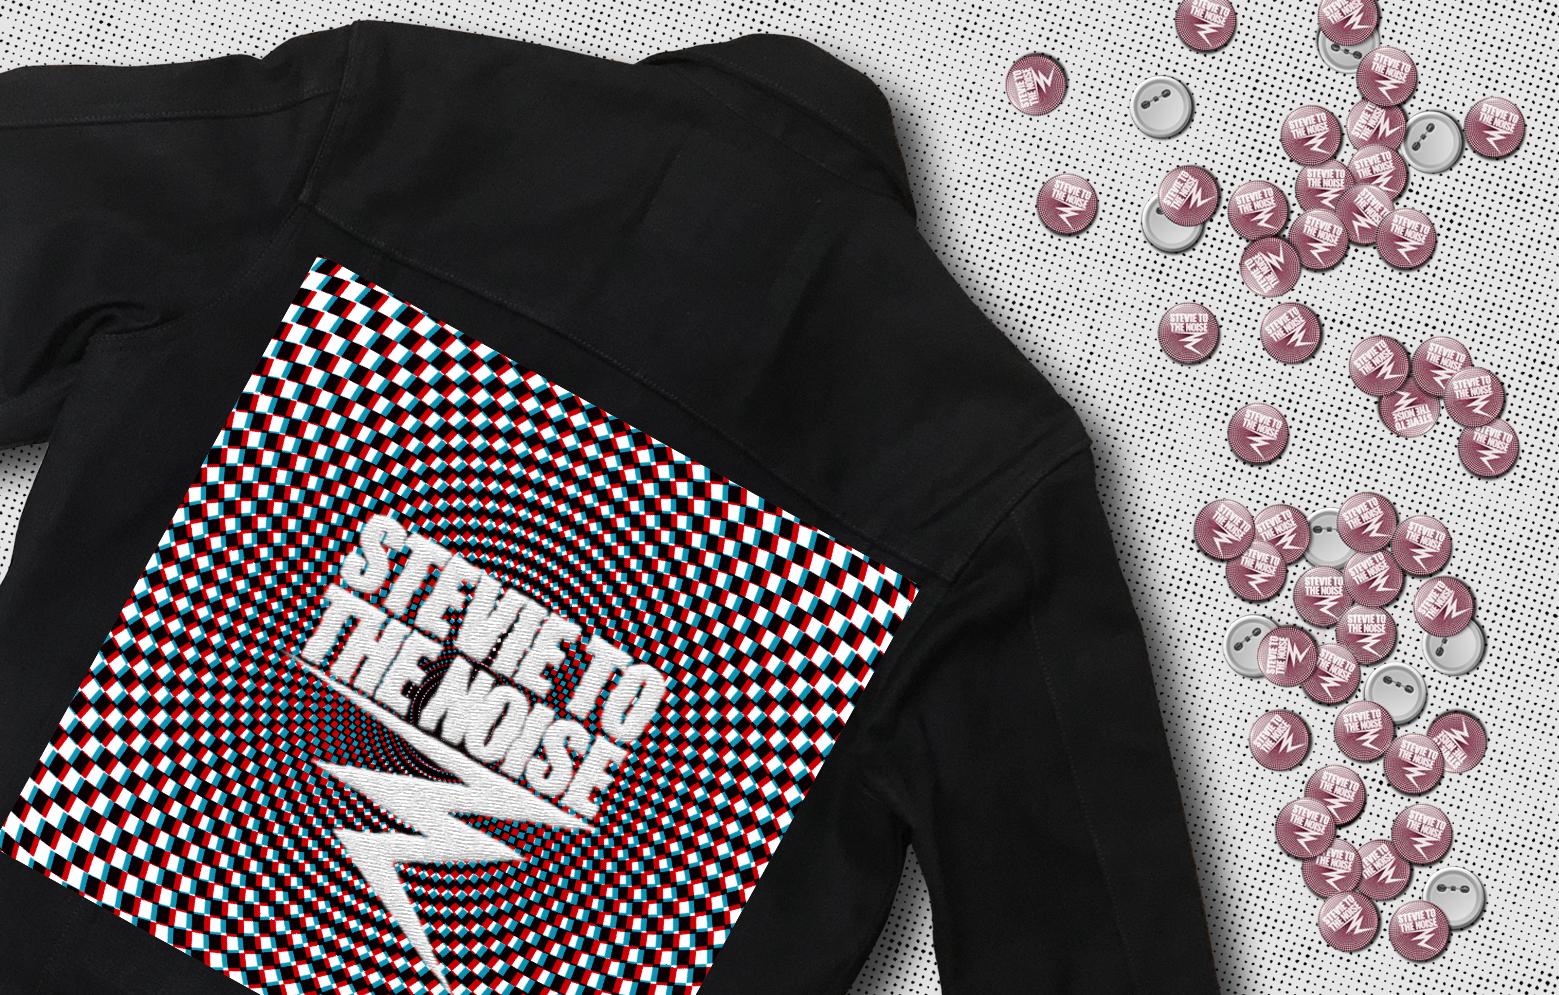 Kutte und Pins von Stevie to the Noise